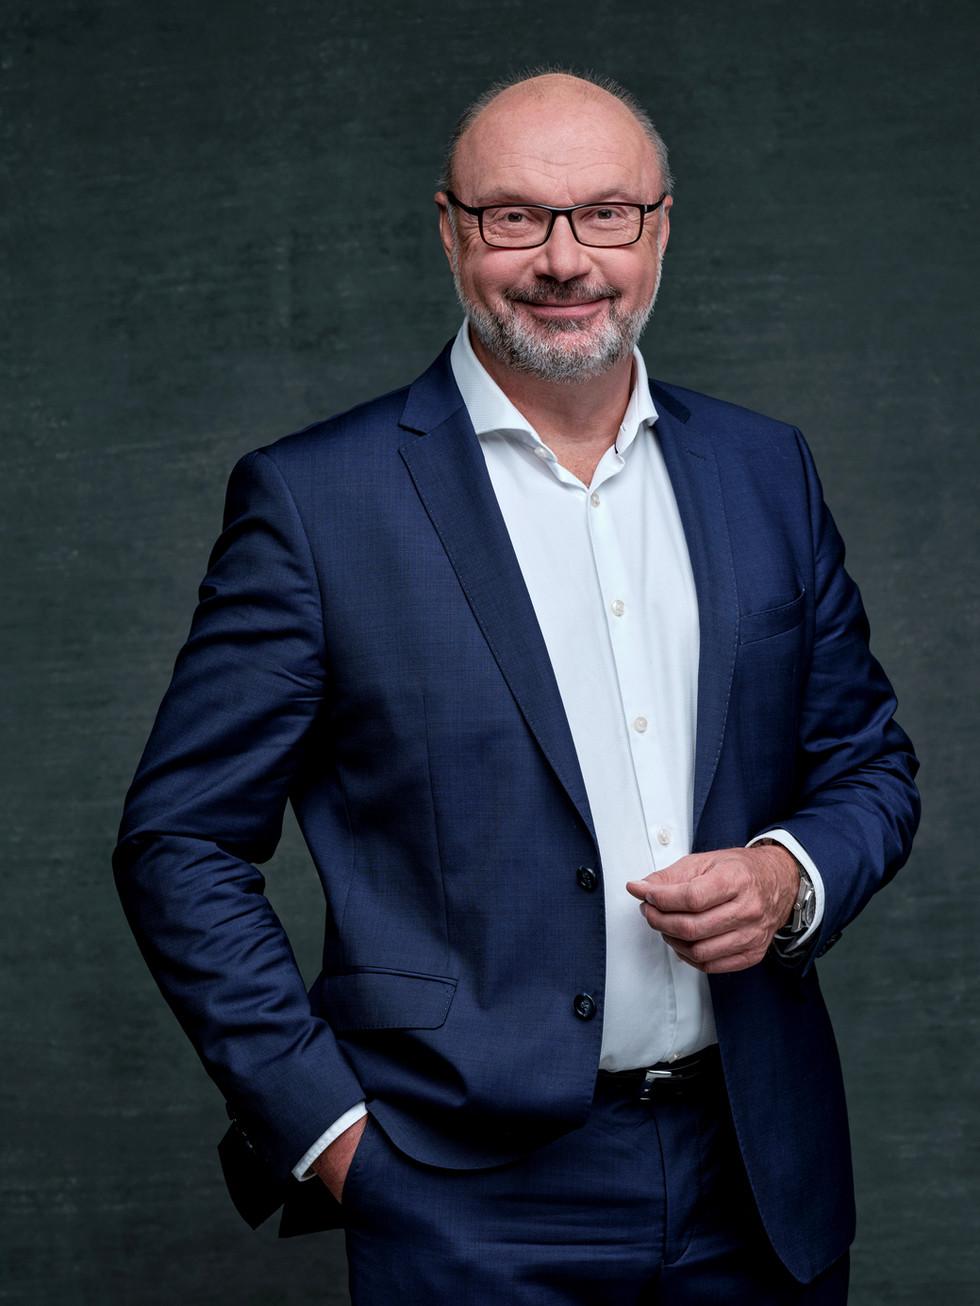 Marek Prochazka